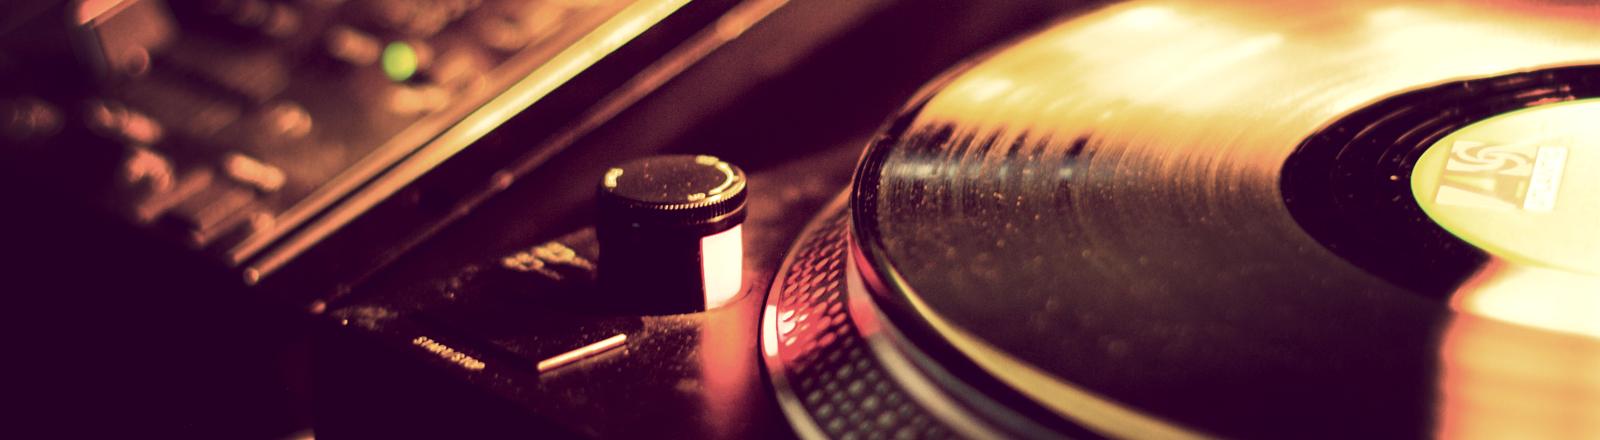 Eine Schallplatte auf einem Plattenteller.